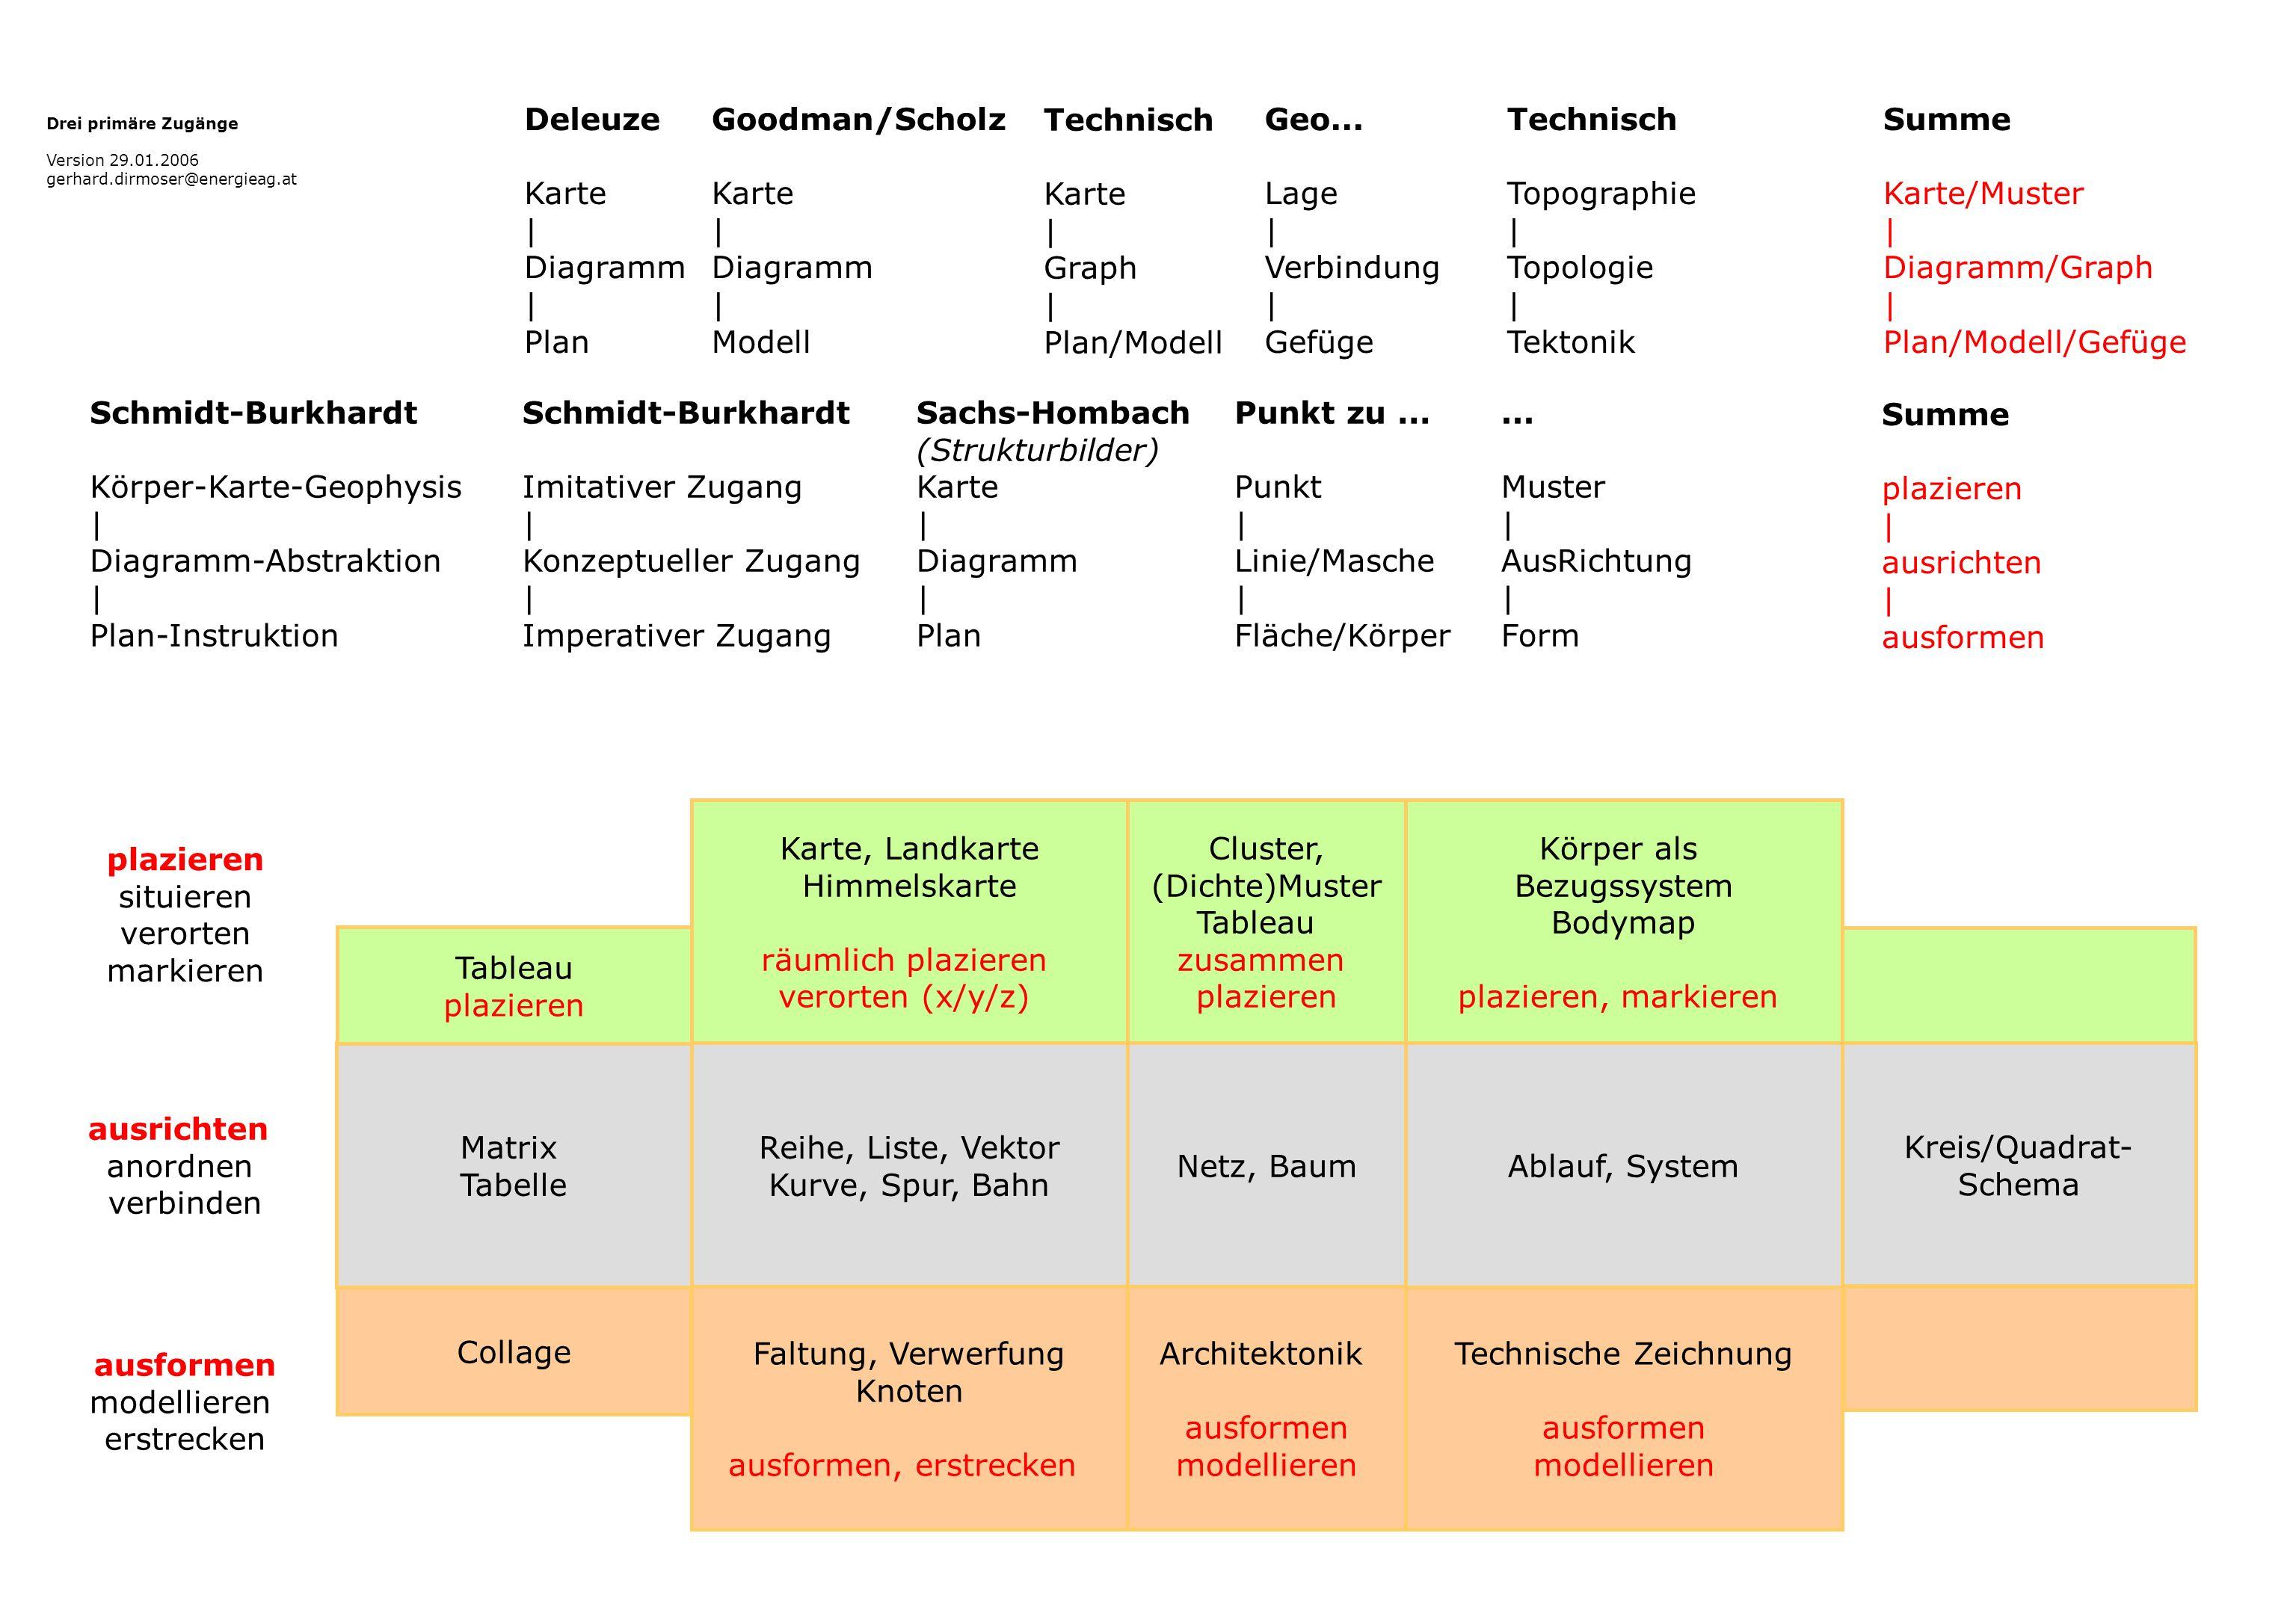 Körper-Karte-Geophysis | Diagramm-Abstraktion Plan-Instruktion